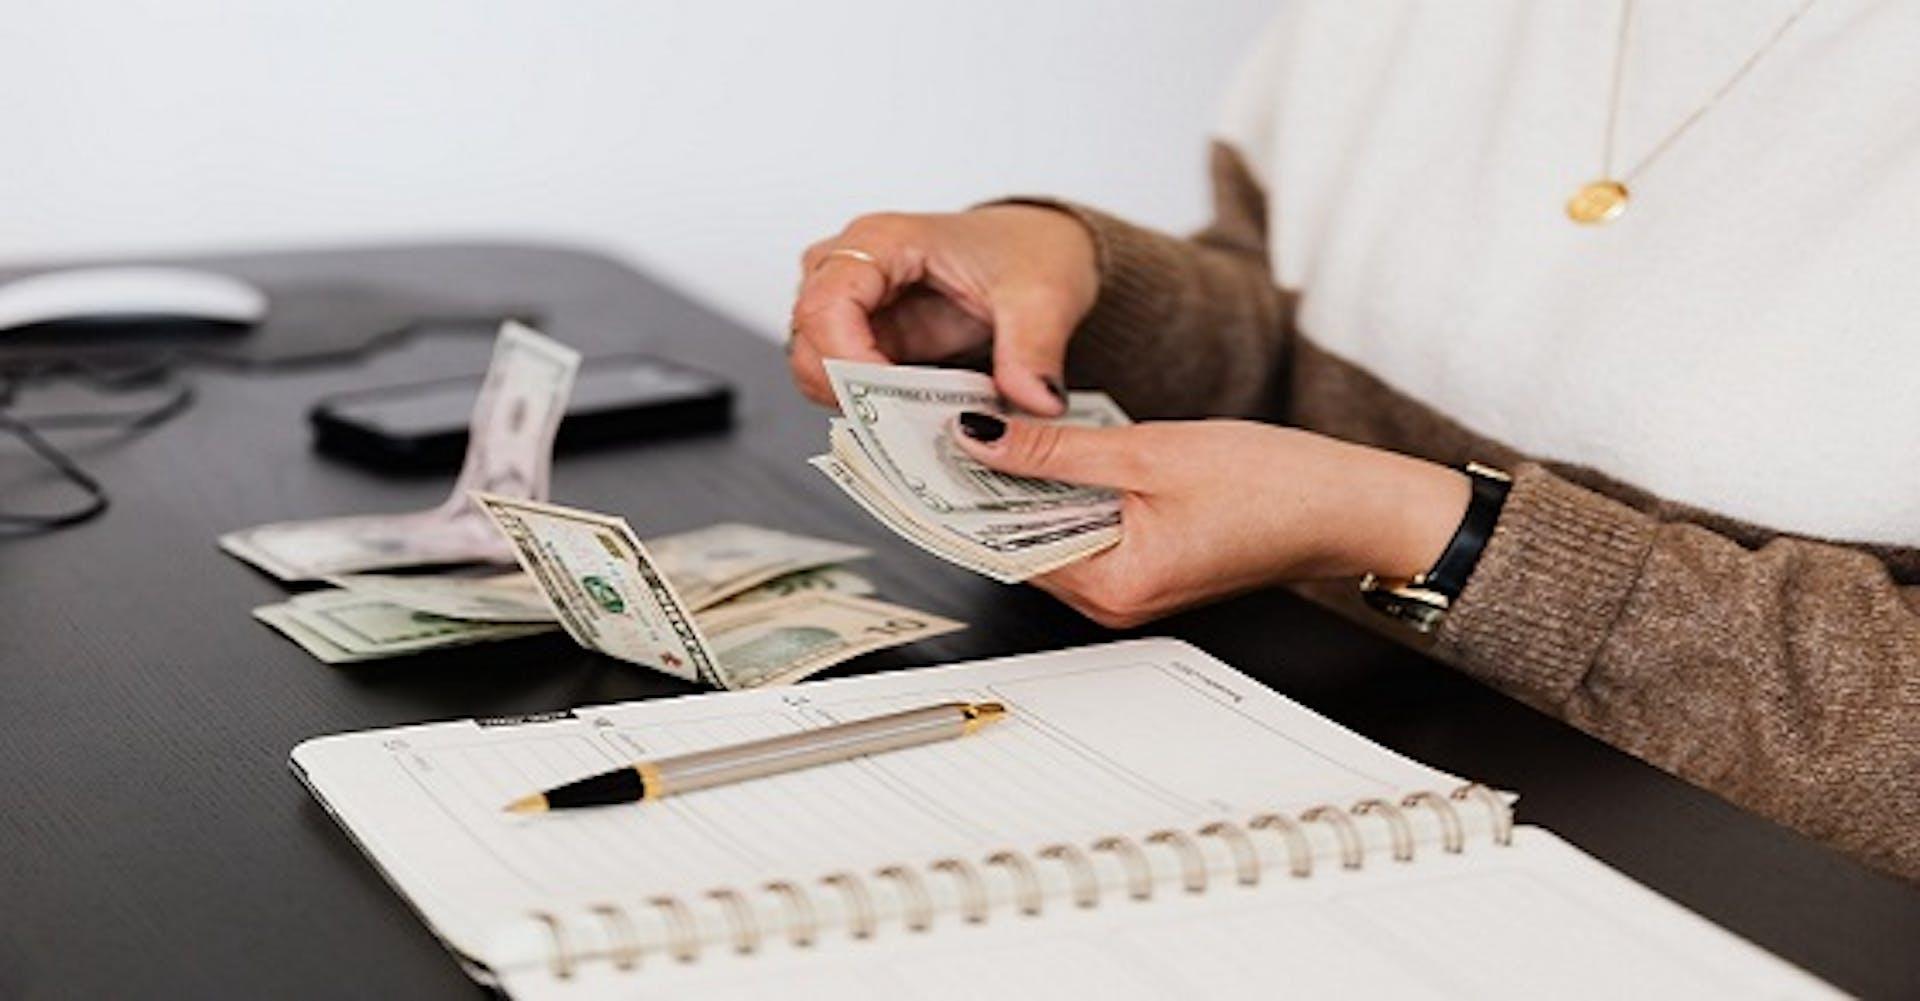 ¿Qué es crowdfunding? Formas de recaudar dinero y cumplir tus sueños